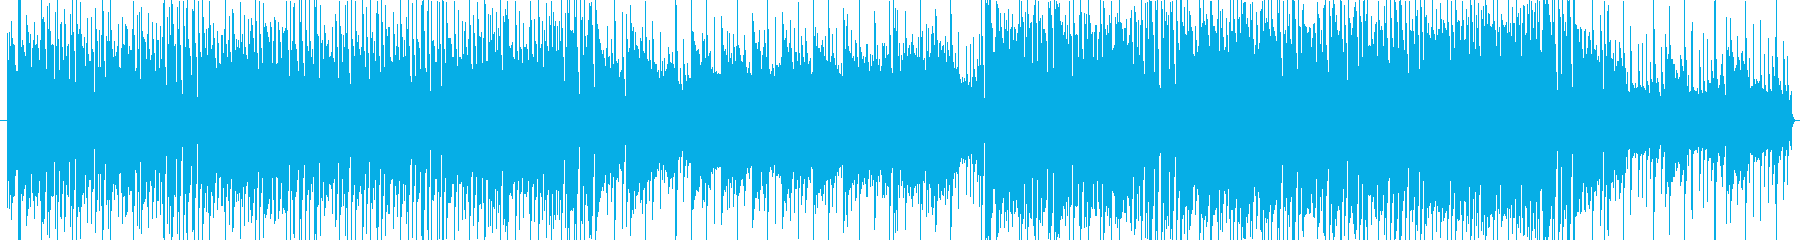 綺麗なピアノの疾走感の再生済みの波形